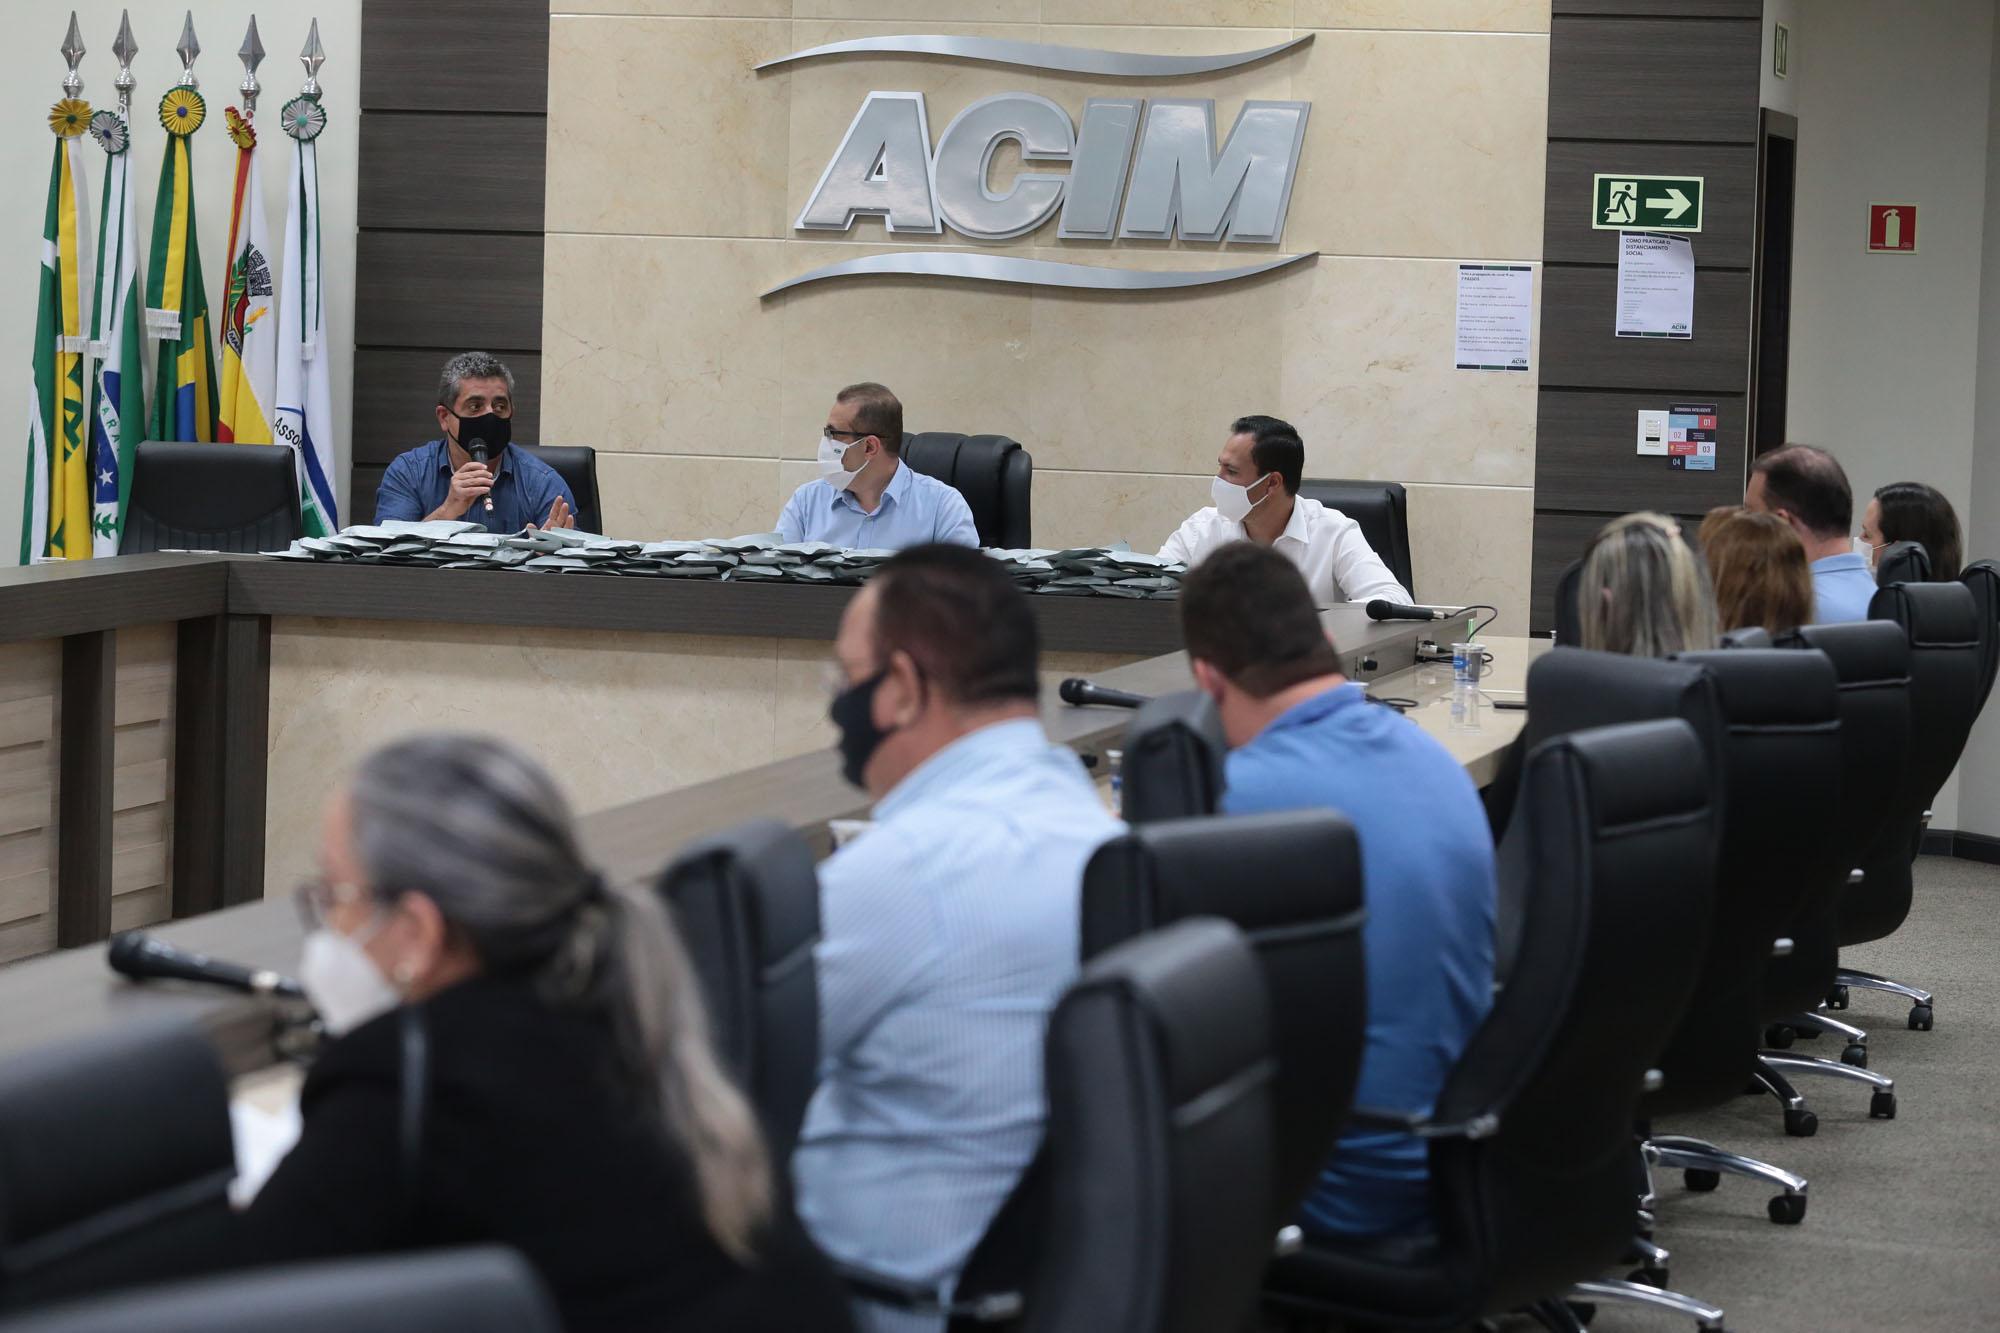 Entrega do material começou nesta sexta-feira (19), pela manhã, na sede da Associação Comercial de Maringá